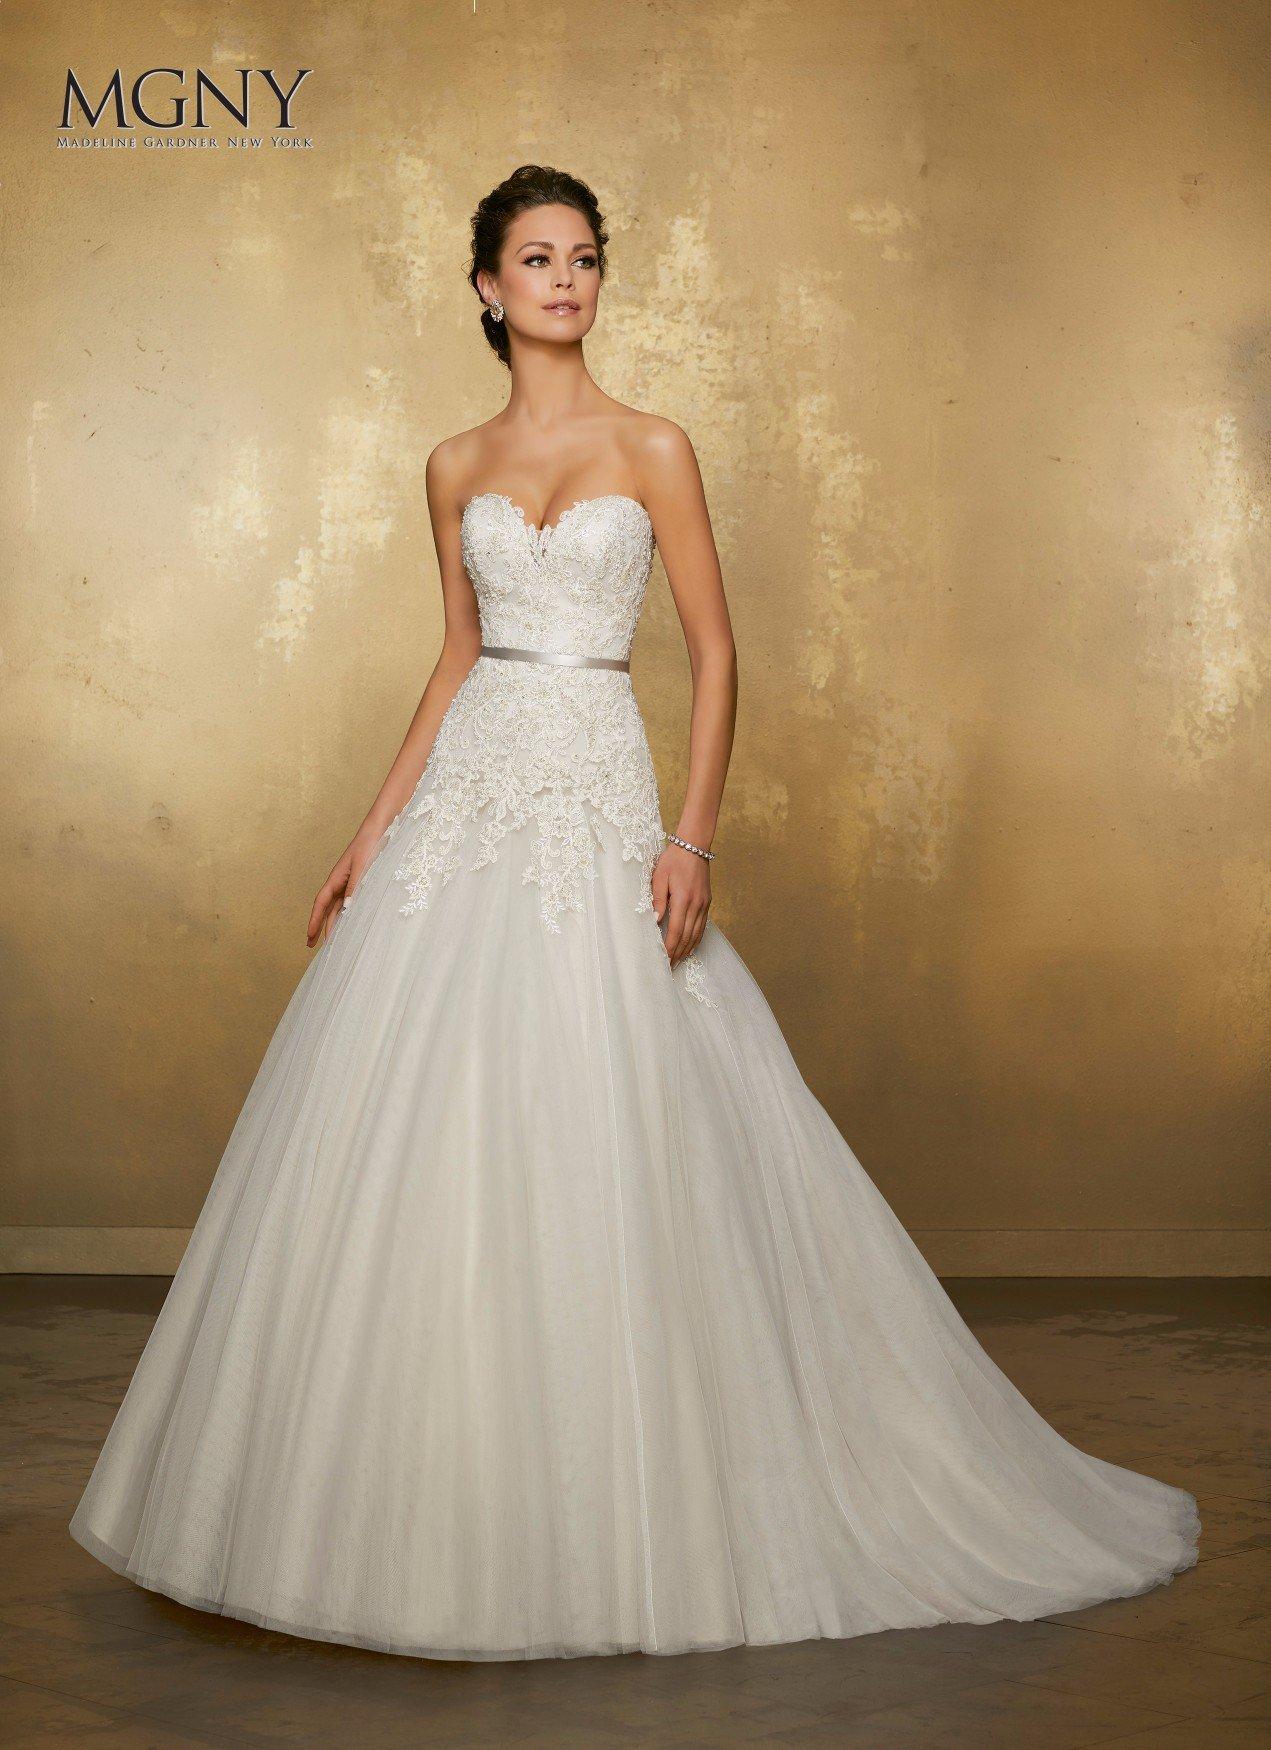 Una donna che si prova un abito da sposa bianco molto elegante